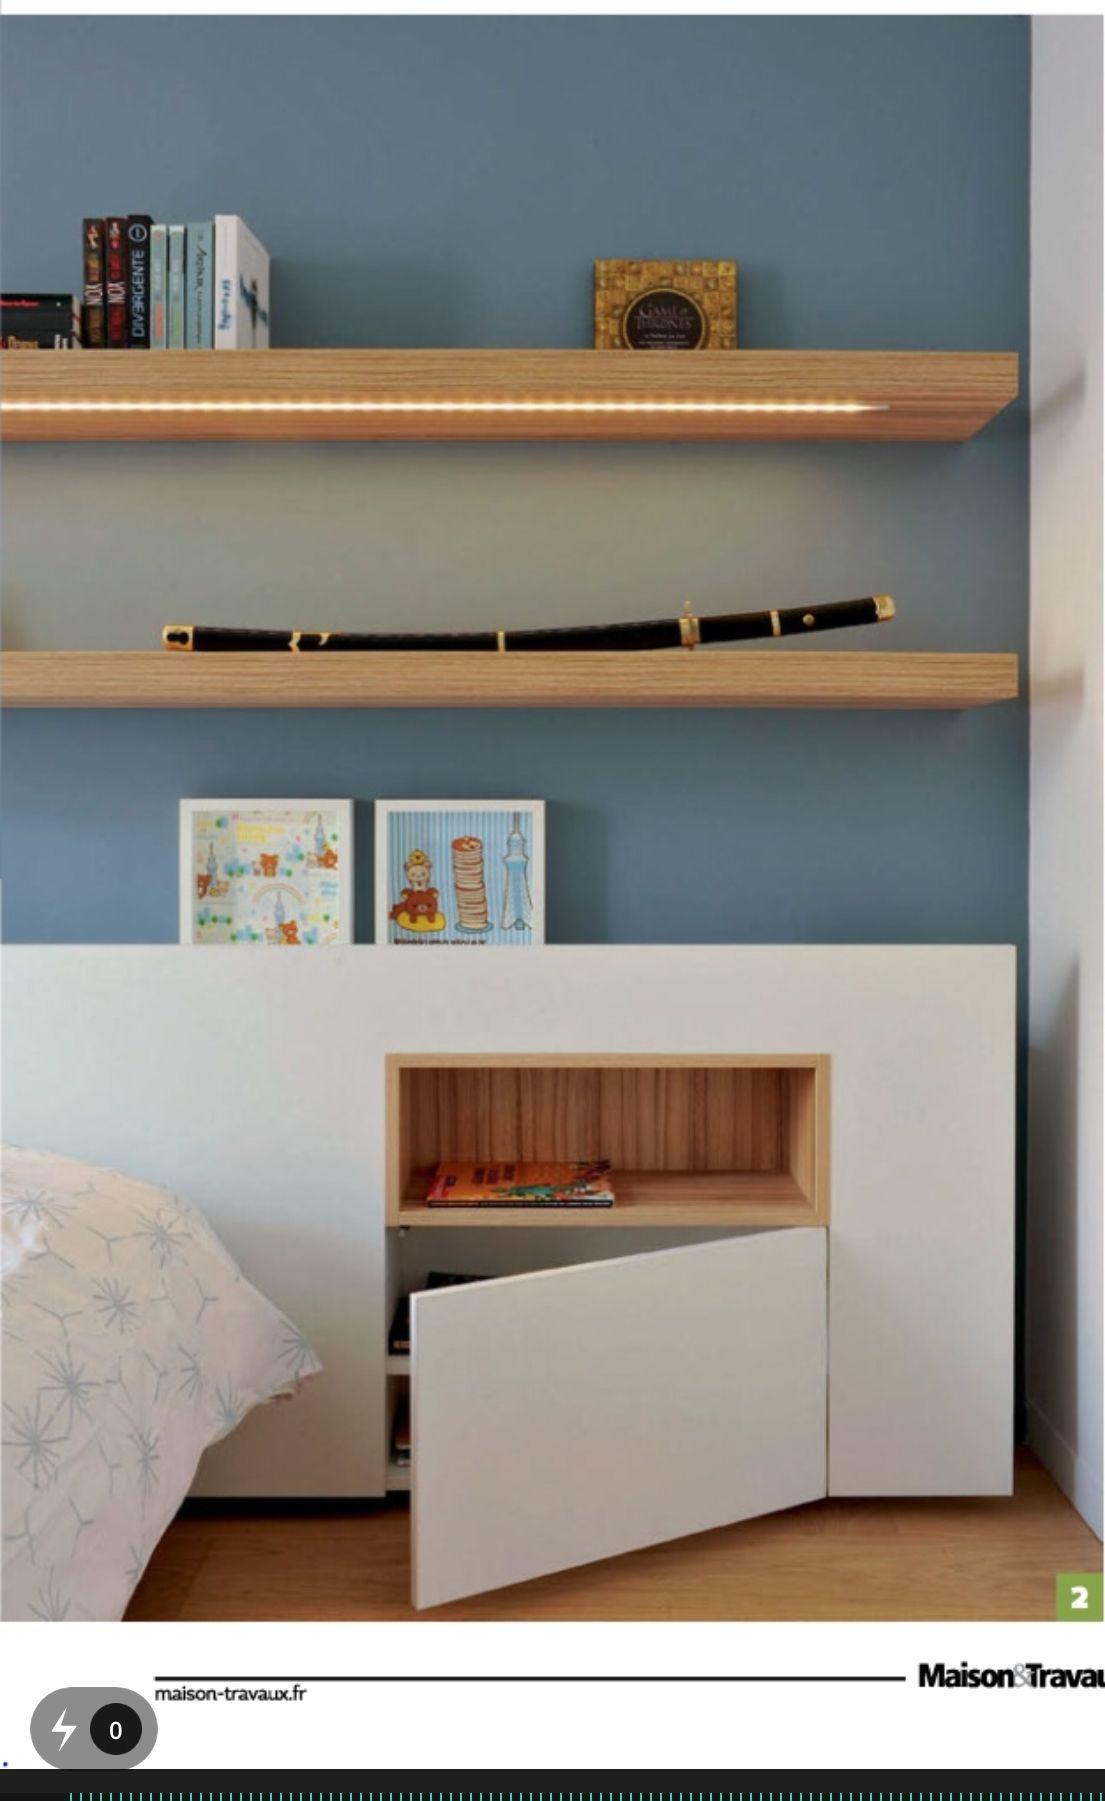 Table De Chevet Integree En 2020 Dormitorio Con Paredes De Ladrillo Dormitorios Muebles Dormitorio